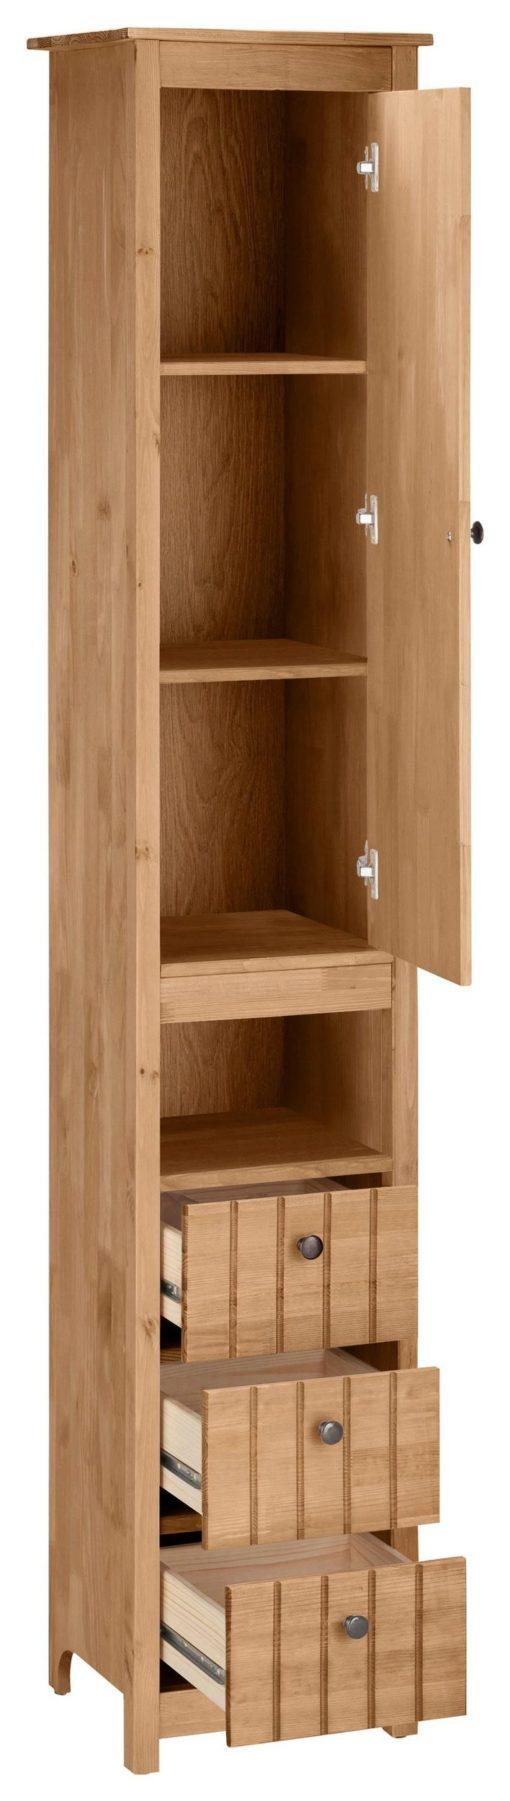 Wysoka szafka łazienkowa, słupek, olejowana